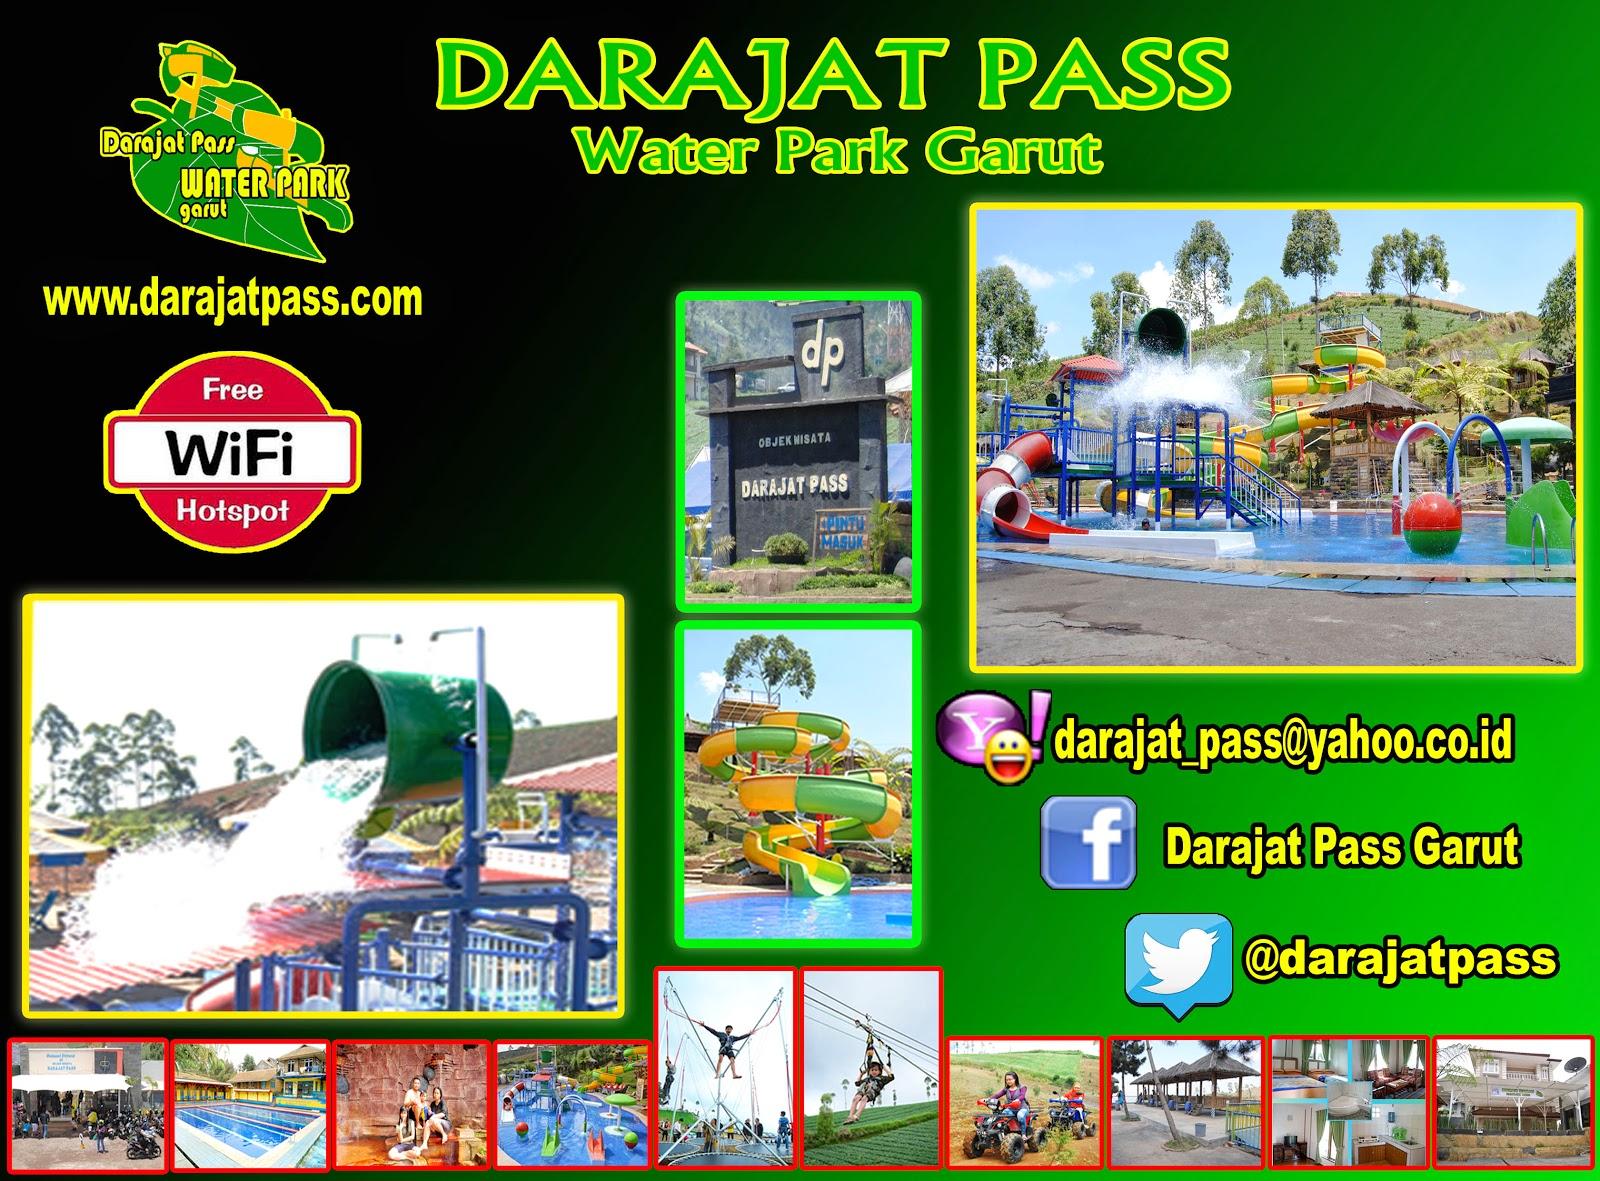 Darajat Pass Garut Harga Tiket Masuk Darajat Pass